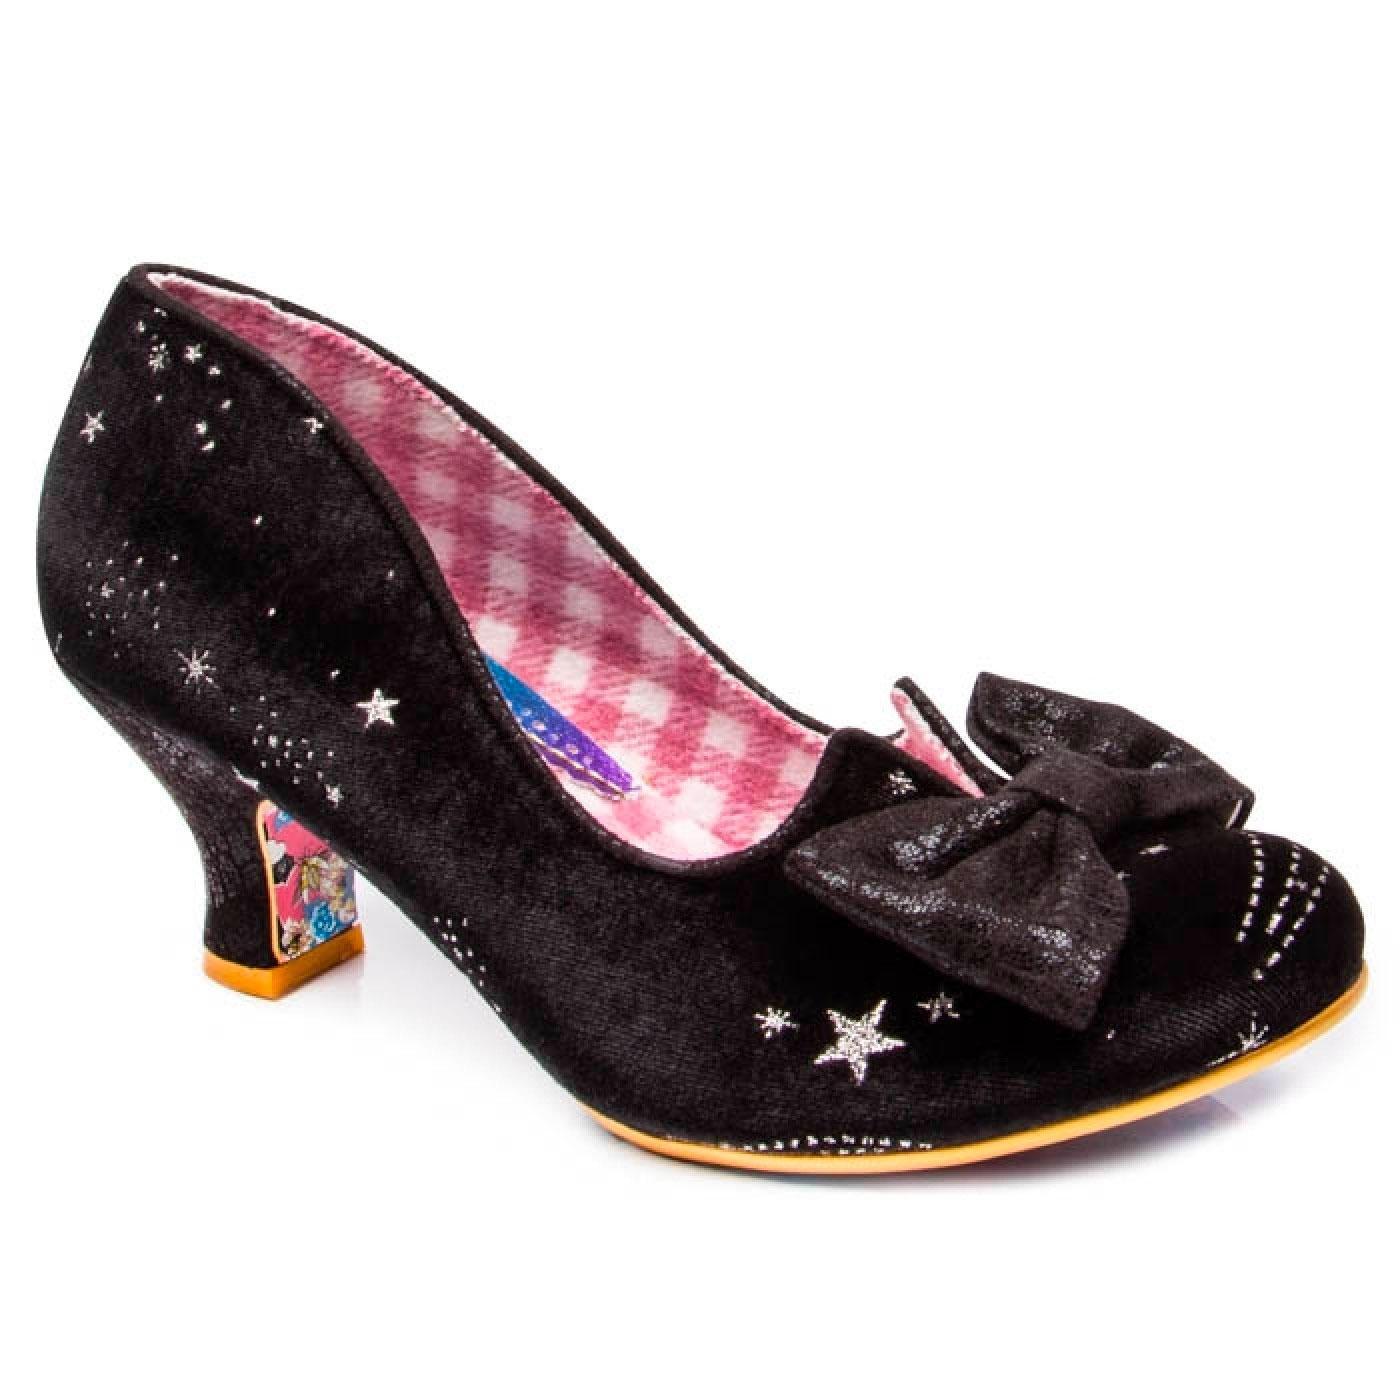 Dazzle Razzle IRREGULAR CHOICE Black Velvet Shoes